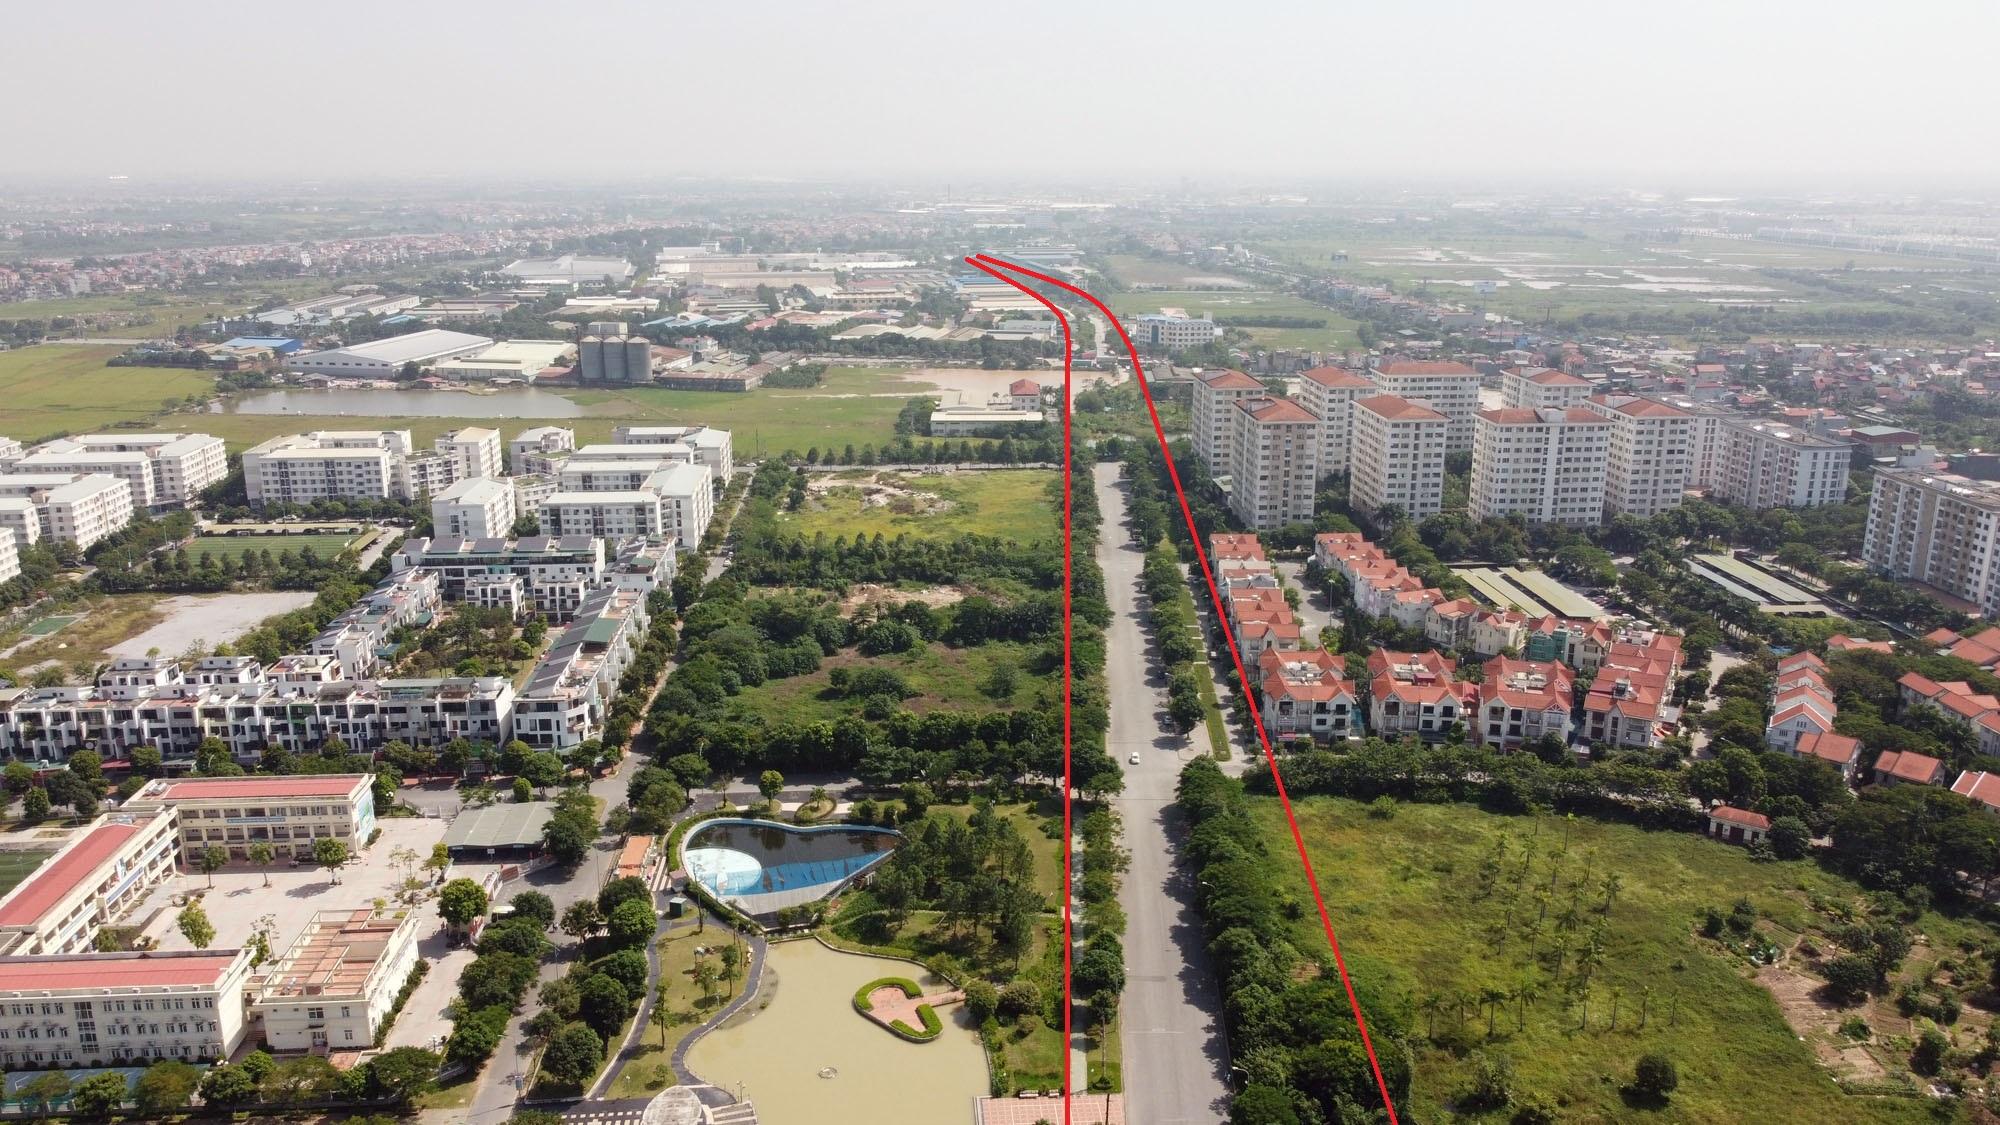 4 đường sẽ mở theo qui hoạch ở xã Dương Xá, Gia Lâm, Hà Nội - Ảnh 3.